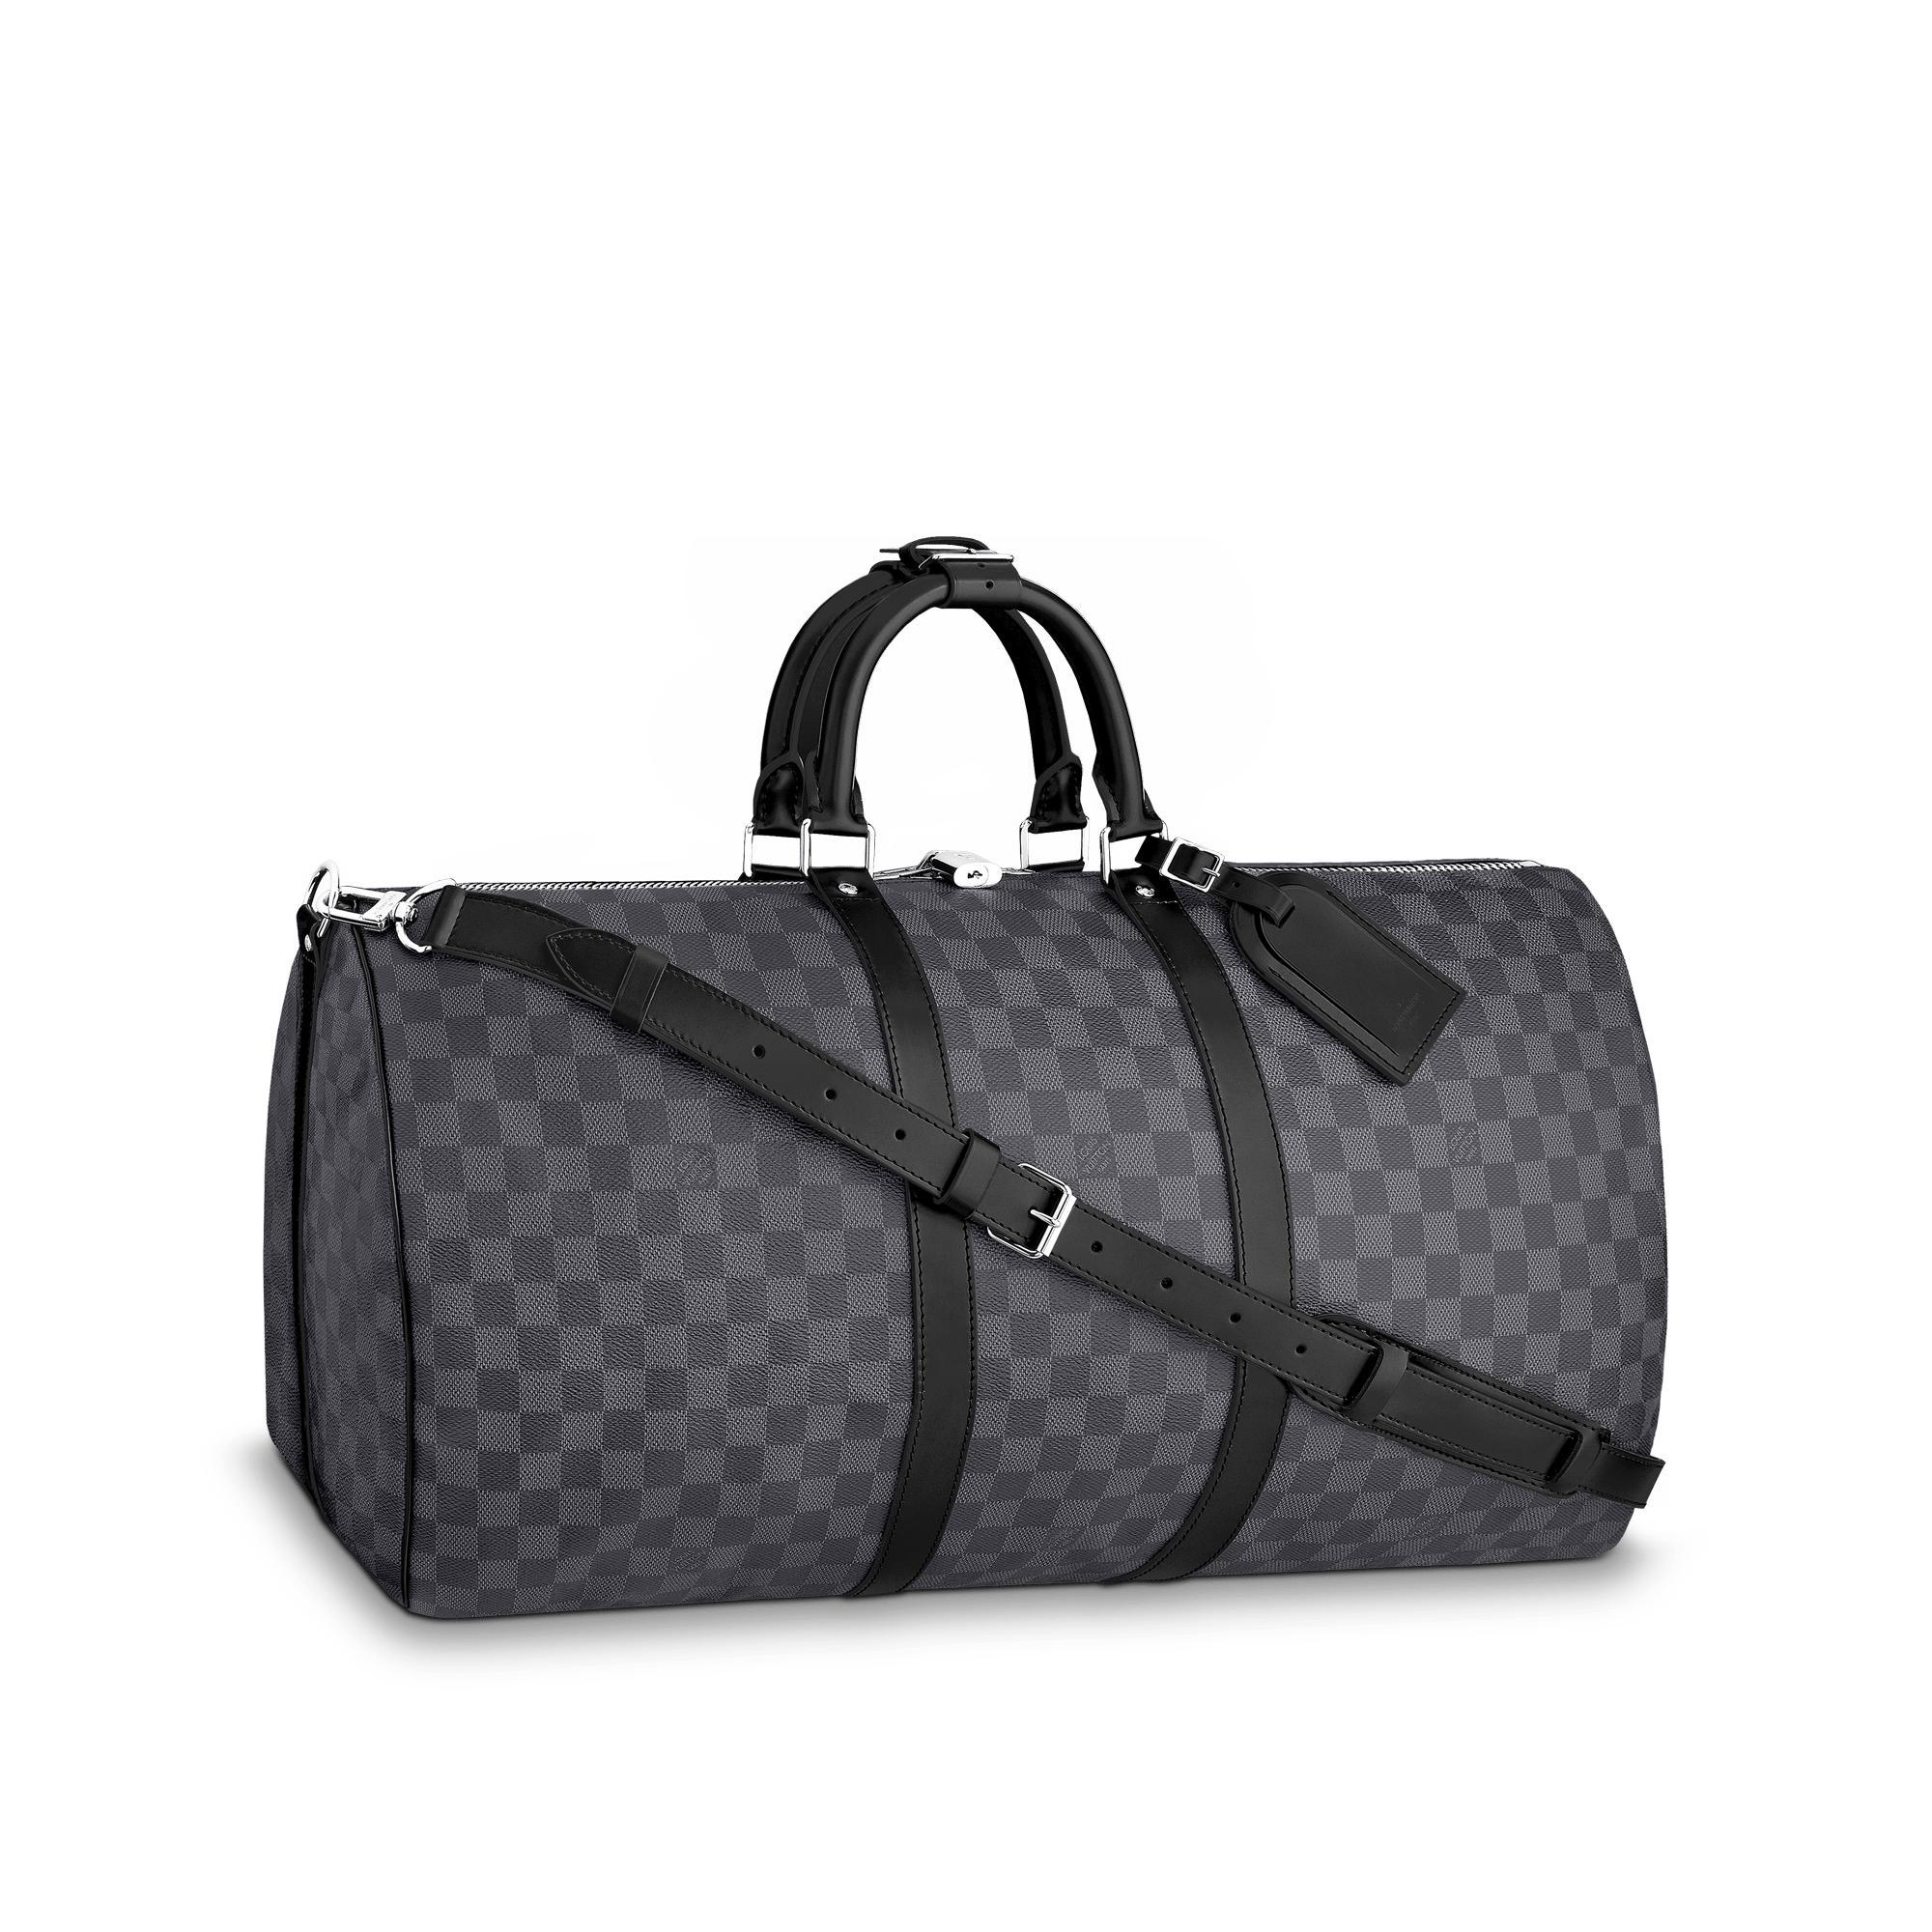 dc74352ed Louis Vuitton Keepall BandouliÈRe 55 In Damier Graphite Canvas ...